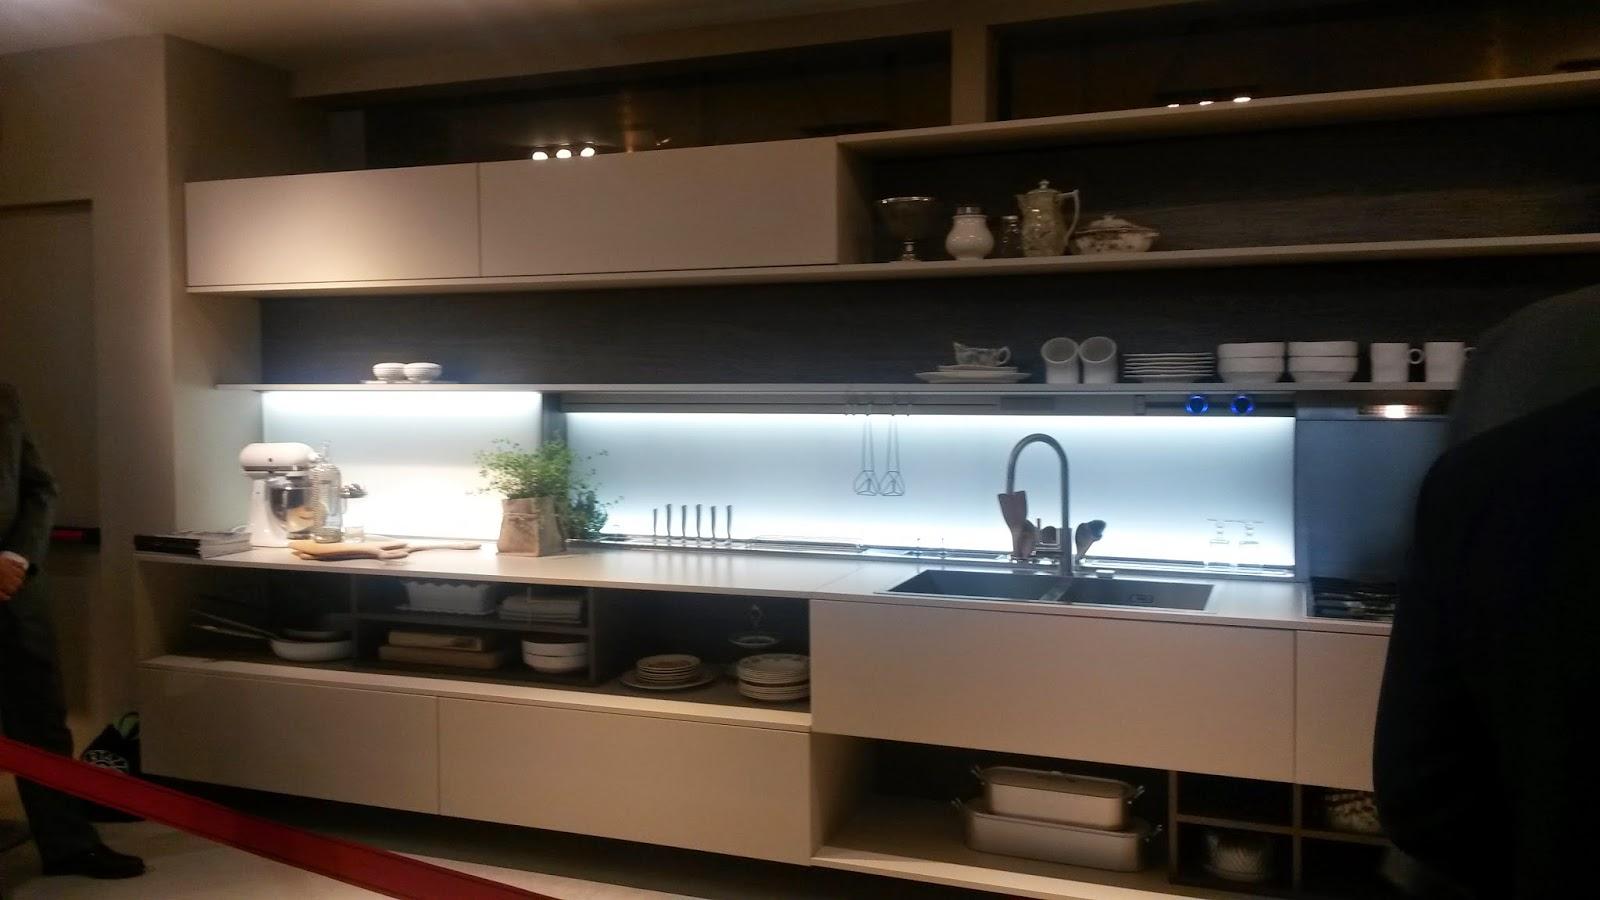 Veneta Cucine Domus Arredi : Tutte Le Novità Di Veneta Cucine Al  #8C663F 1600 900 Rivenditori Cucine Veneta